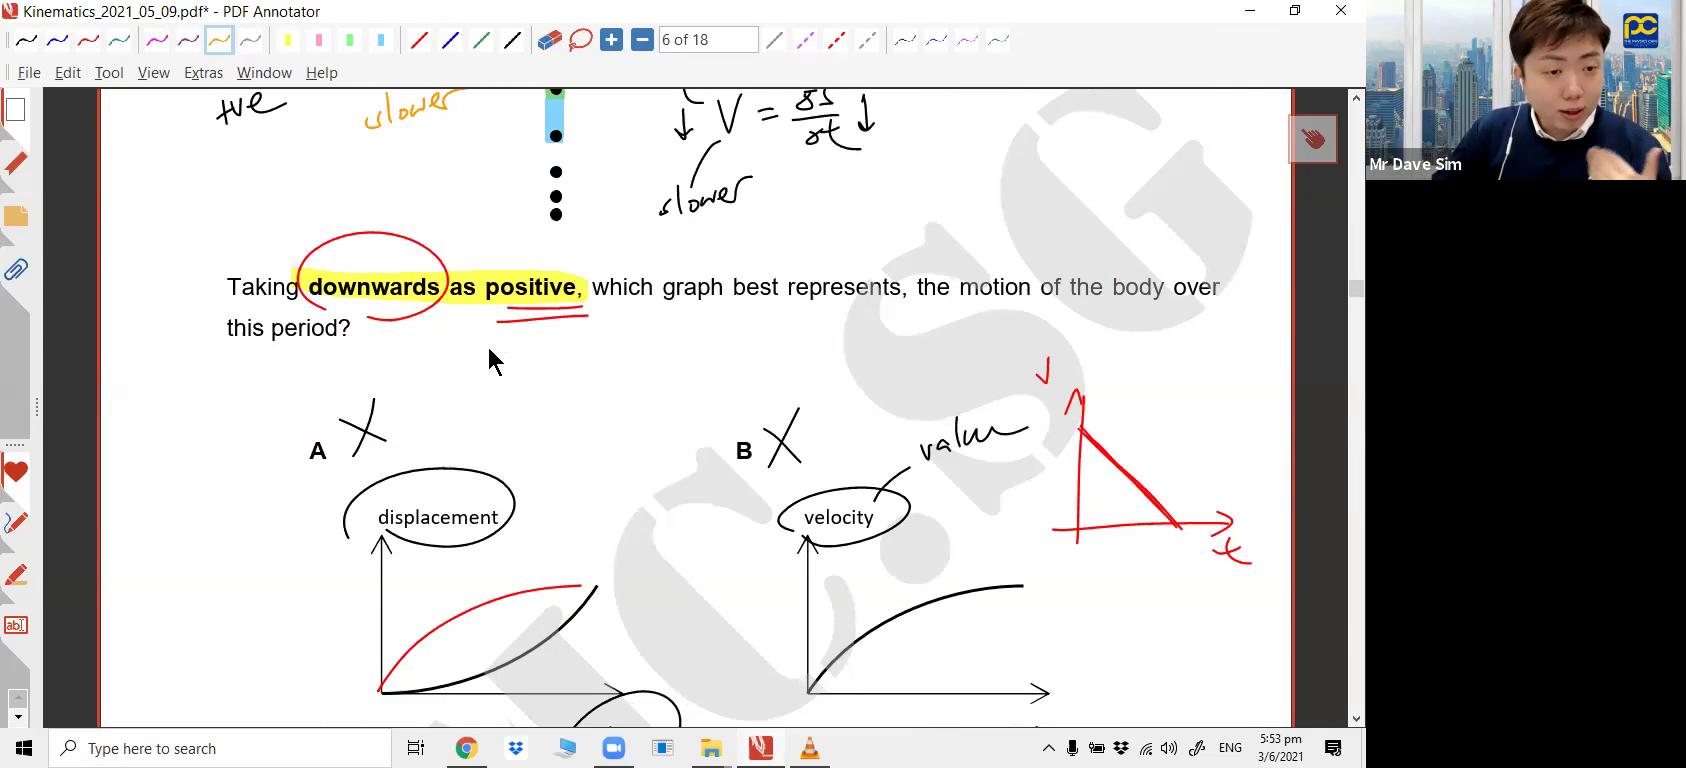 [KINEMATICS] Graph drawing